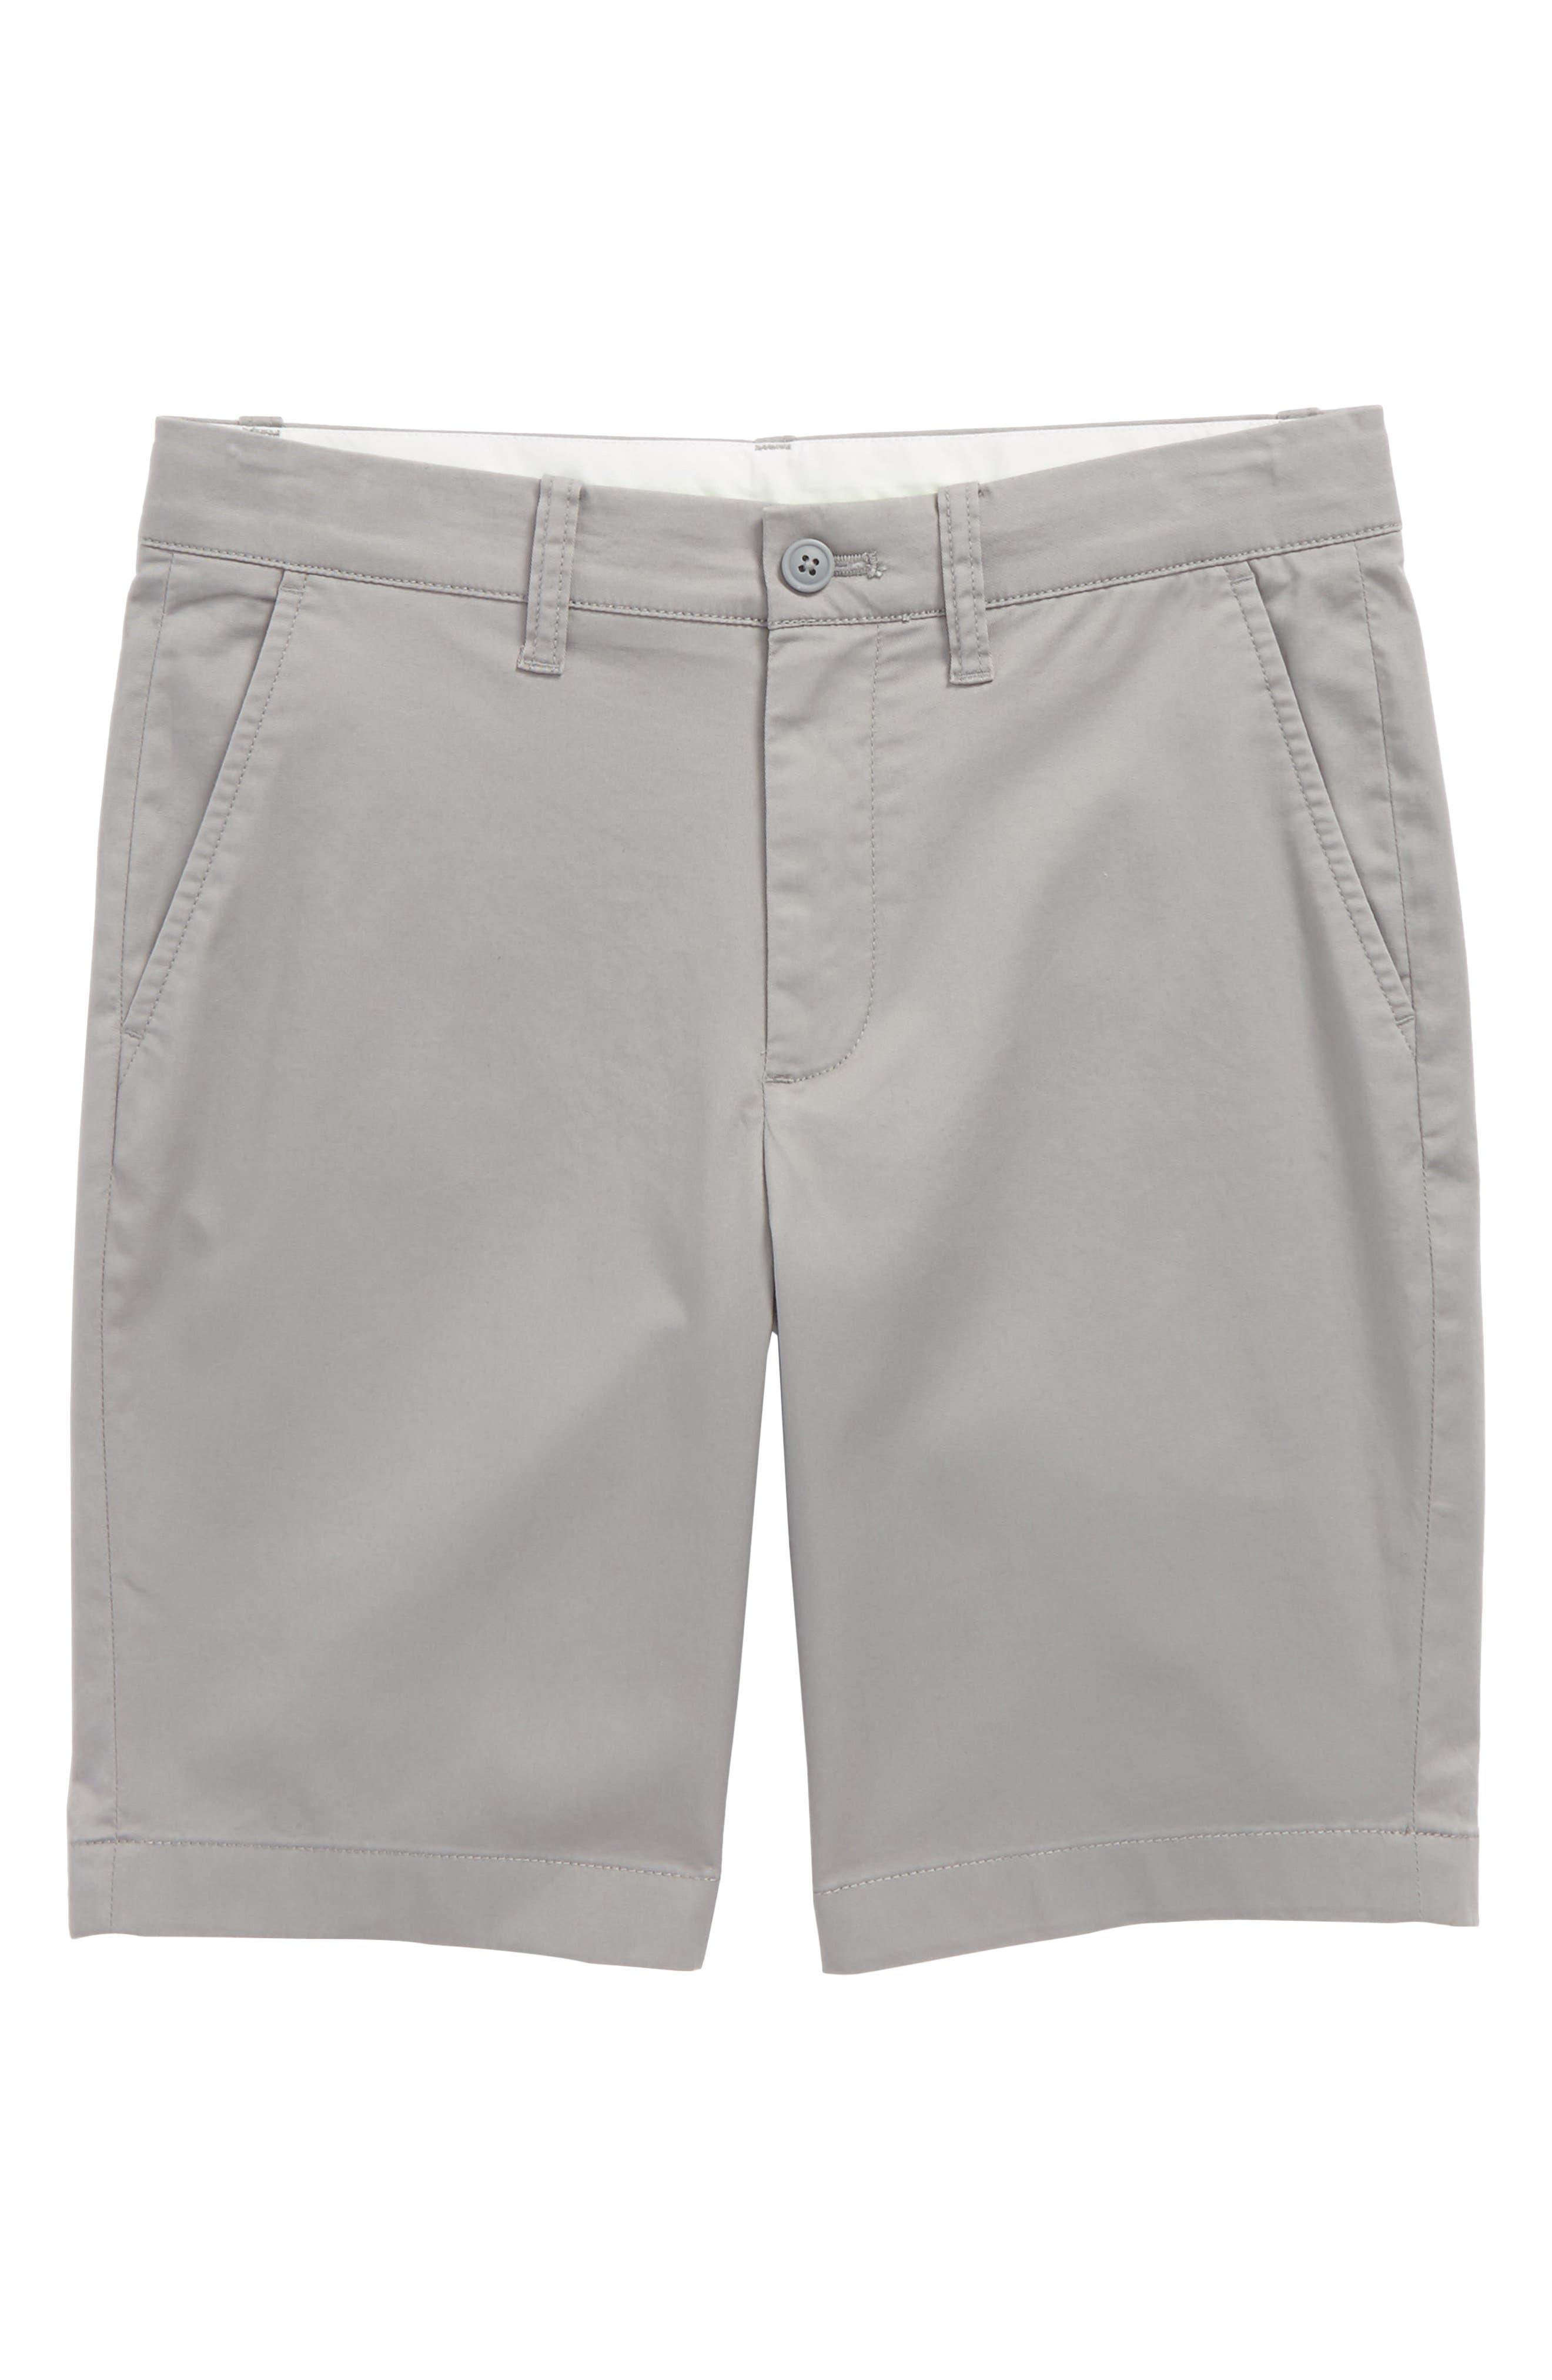 Stanton Chino Shorts,                             Main thumbnail 1, color,                             020